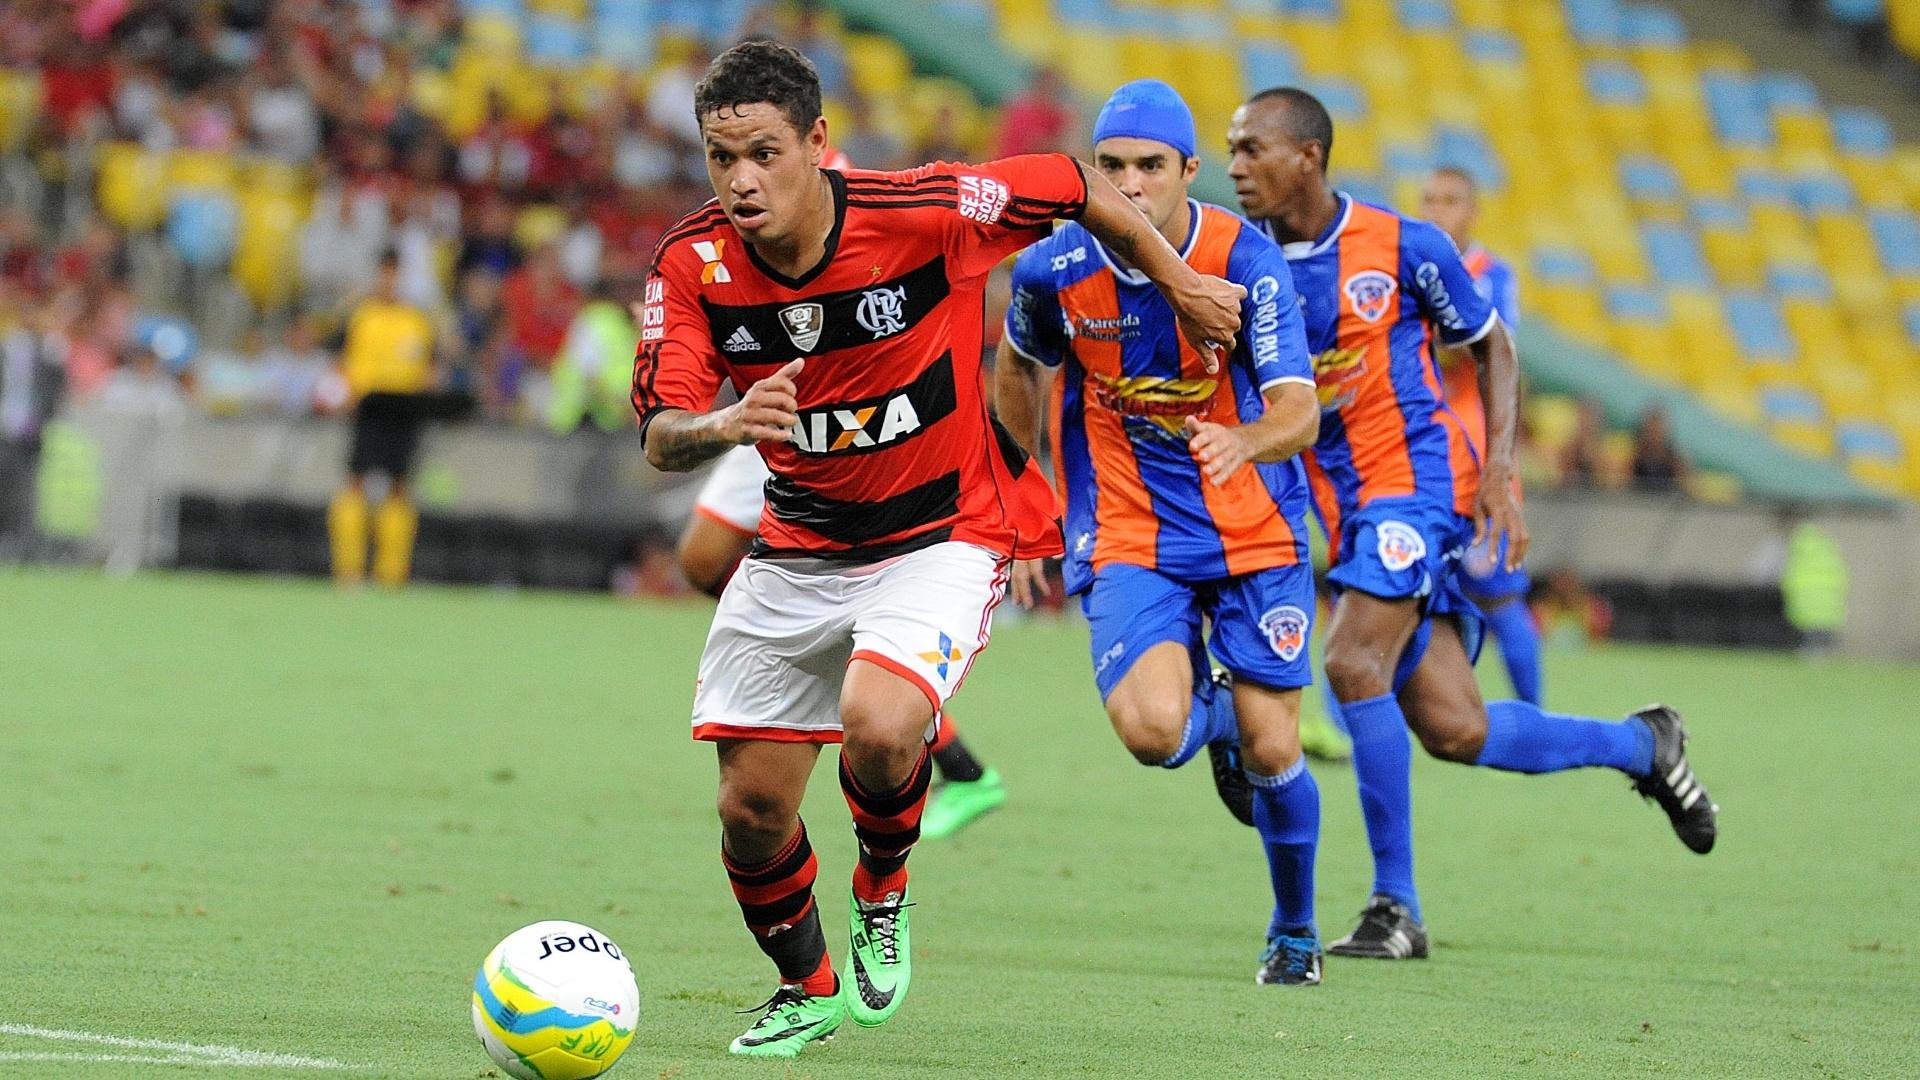 25 jan. 2014 - Carlos Eduardo conduz bola durante jogo entre Flamengo e Duque de Caxias, pelo Carioca